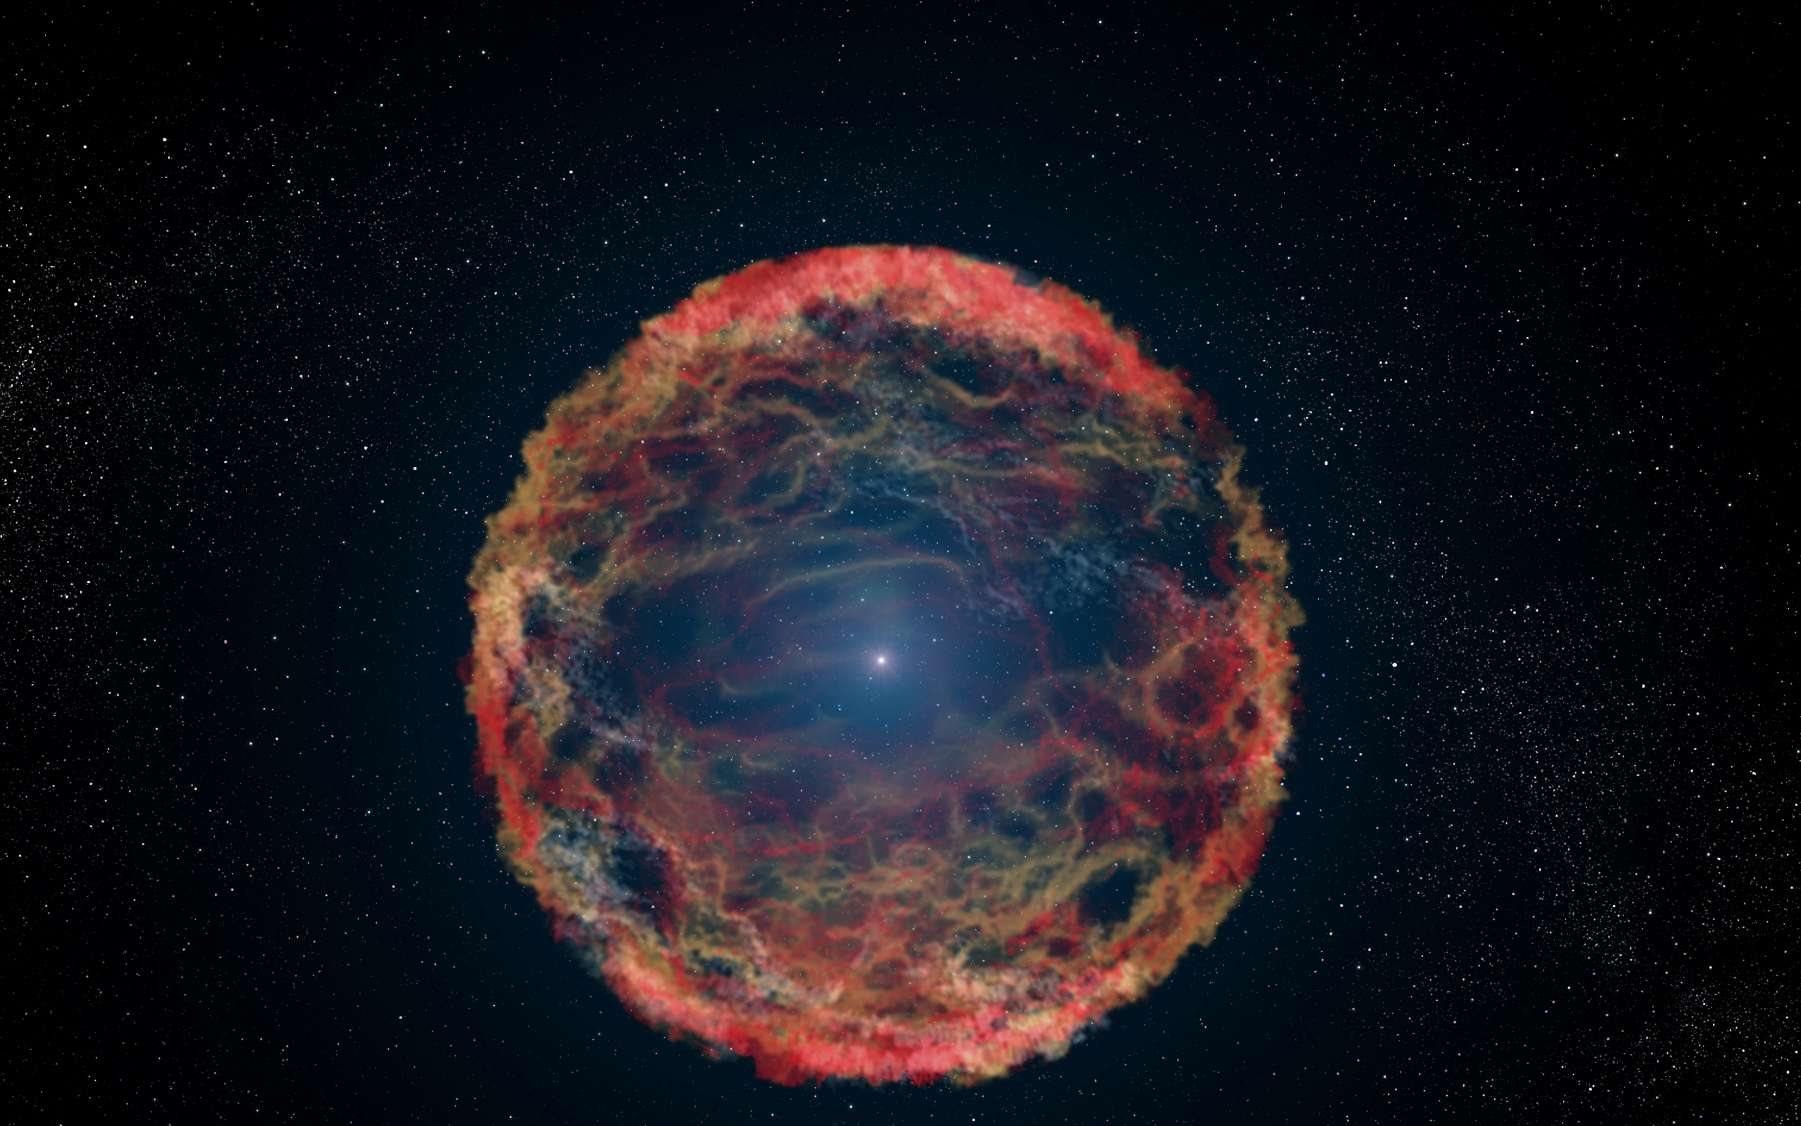 Une étoile qui ne veut pas mourir, c'est possible ? Peut-être à cause de l'antimatière… Ici, une vue d'artiste de iPTF14hls. © G. Bacon, Nasa, ESA